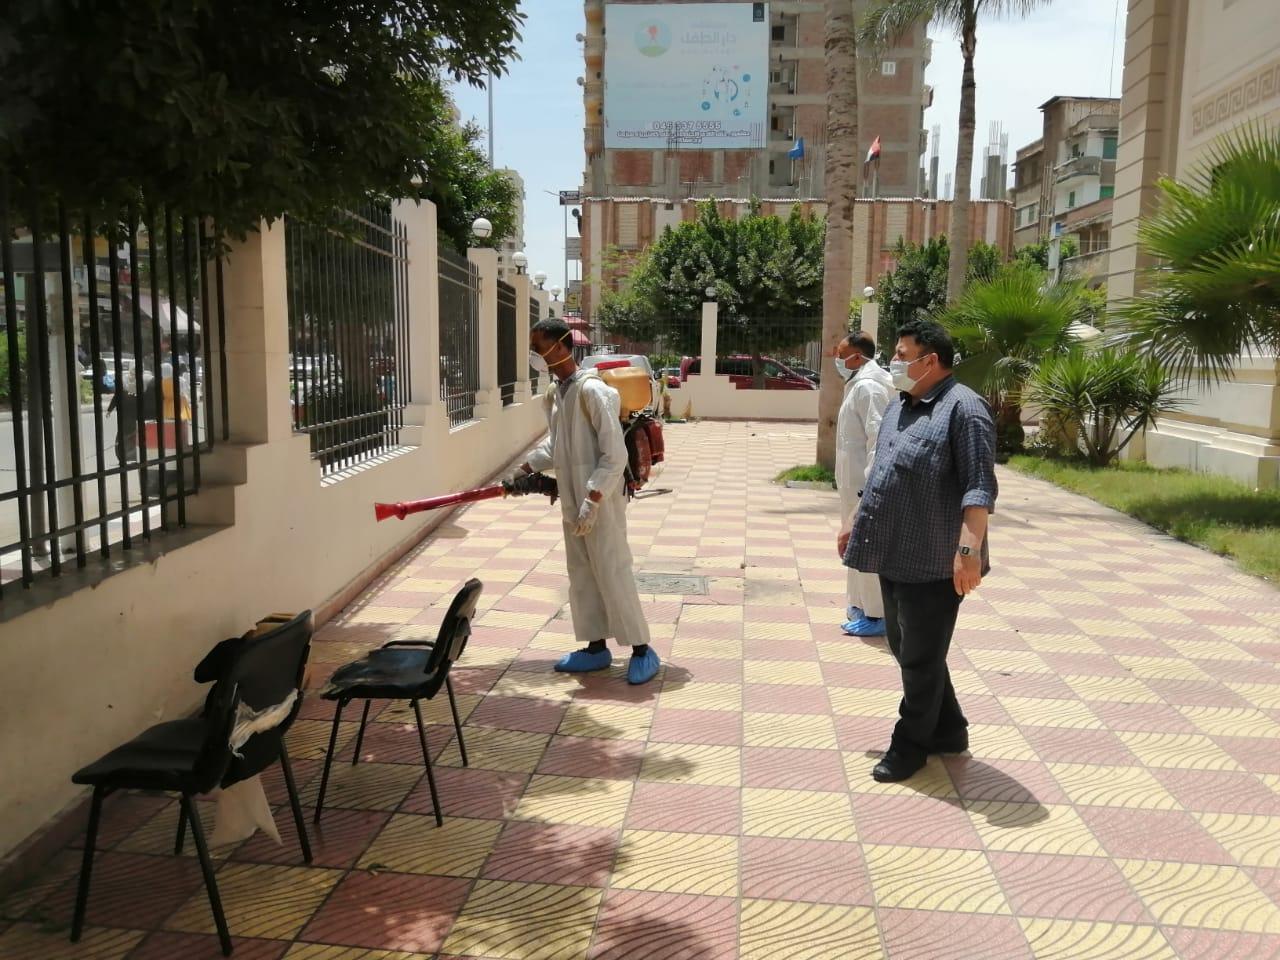 استمرار أعمال وحملات رش وتطهير الشوارع  المنشآت الحكومية والصحية والمنازل بمدن ومراكز المحافظة